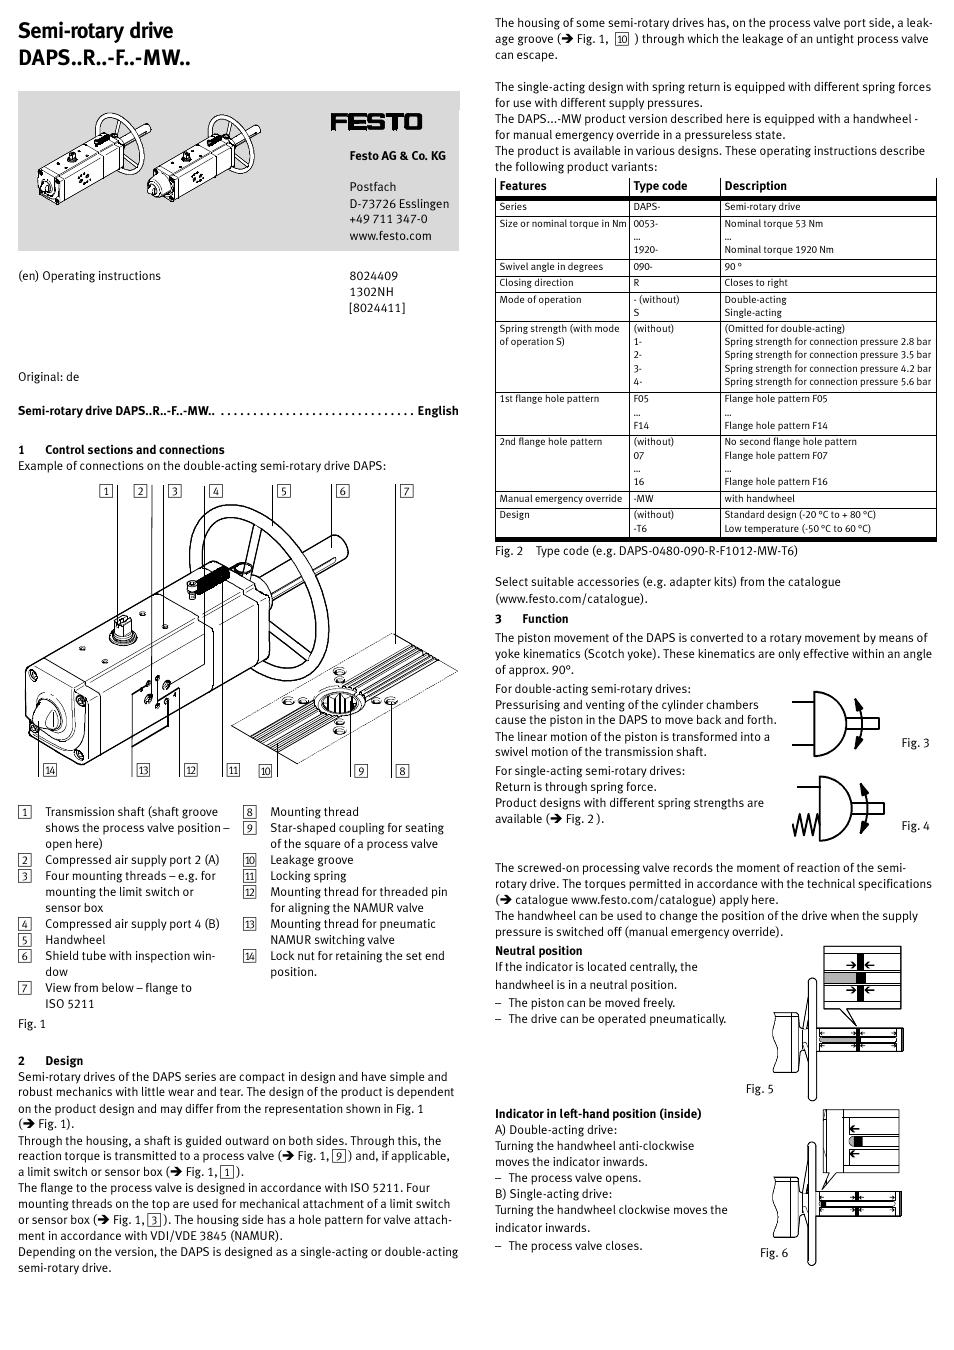 pneumatic solenoid valve symbols